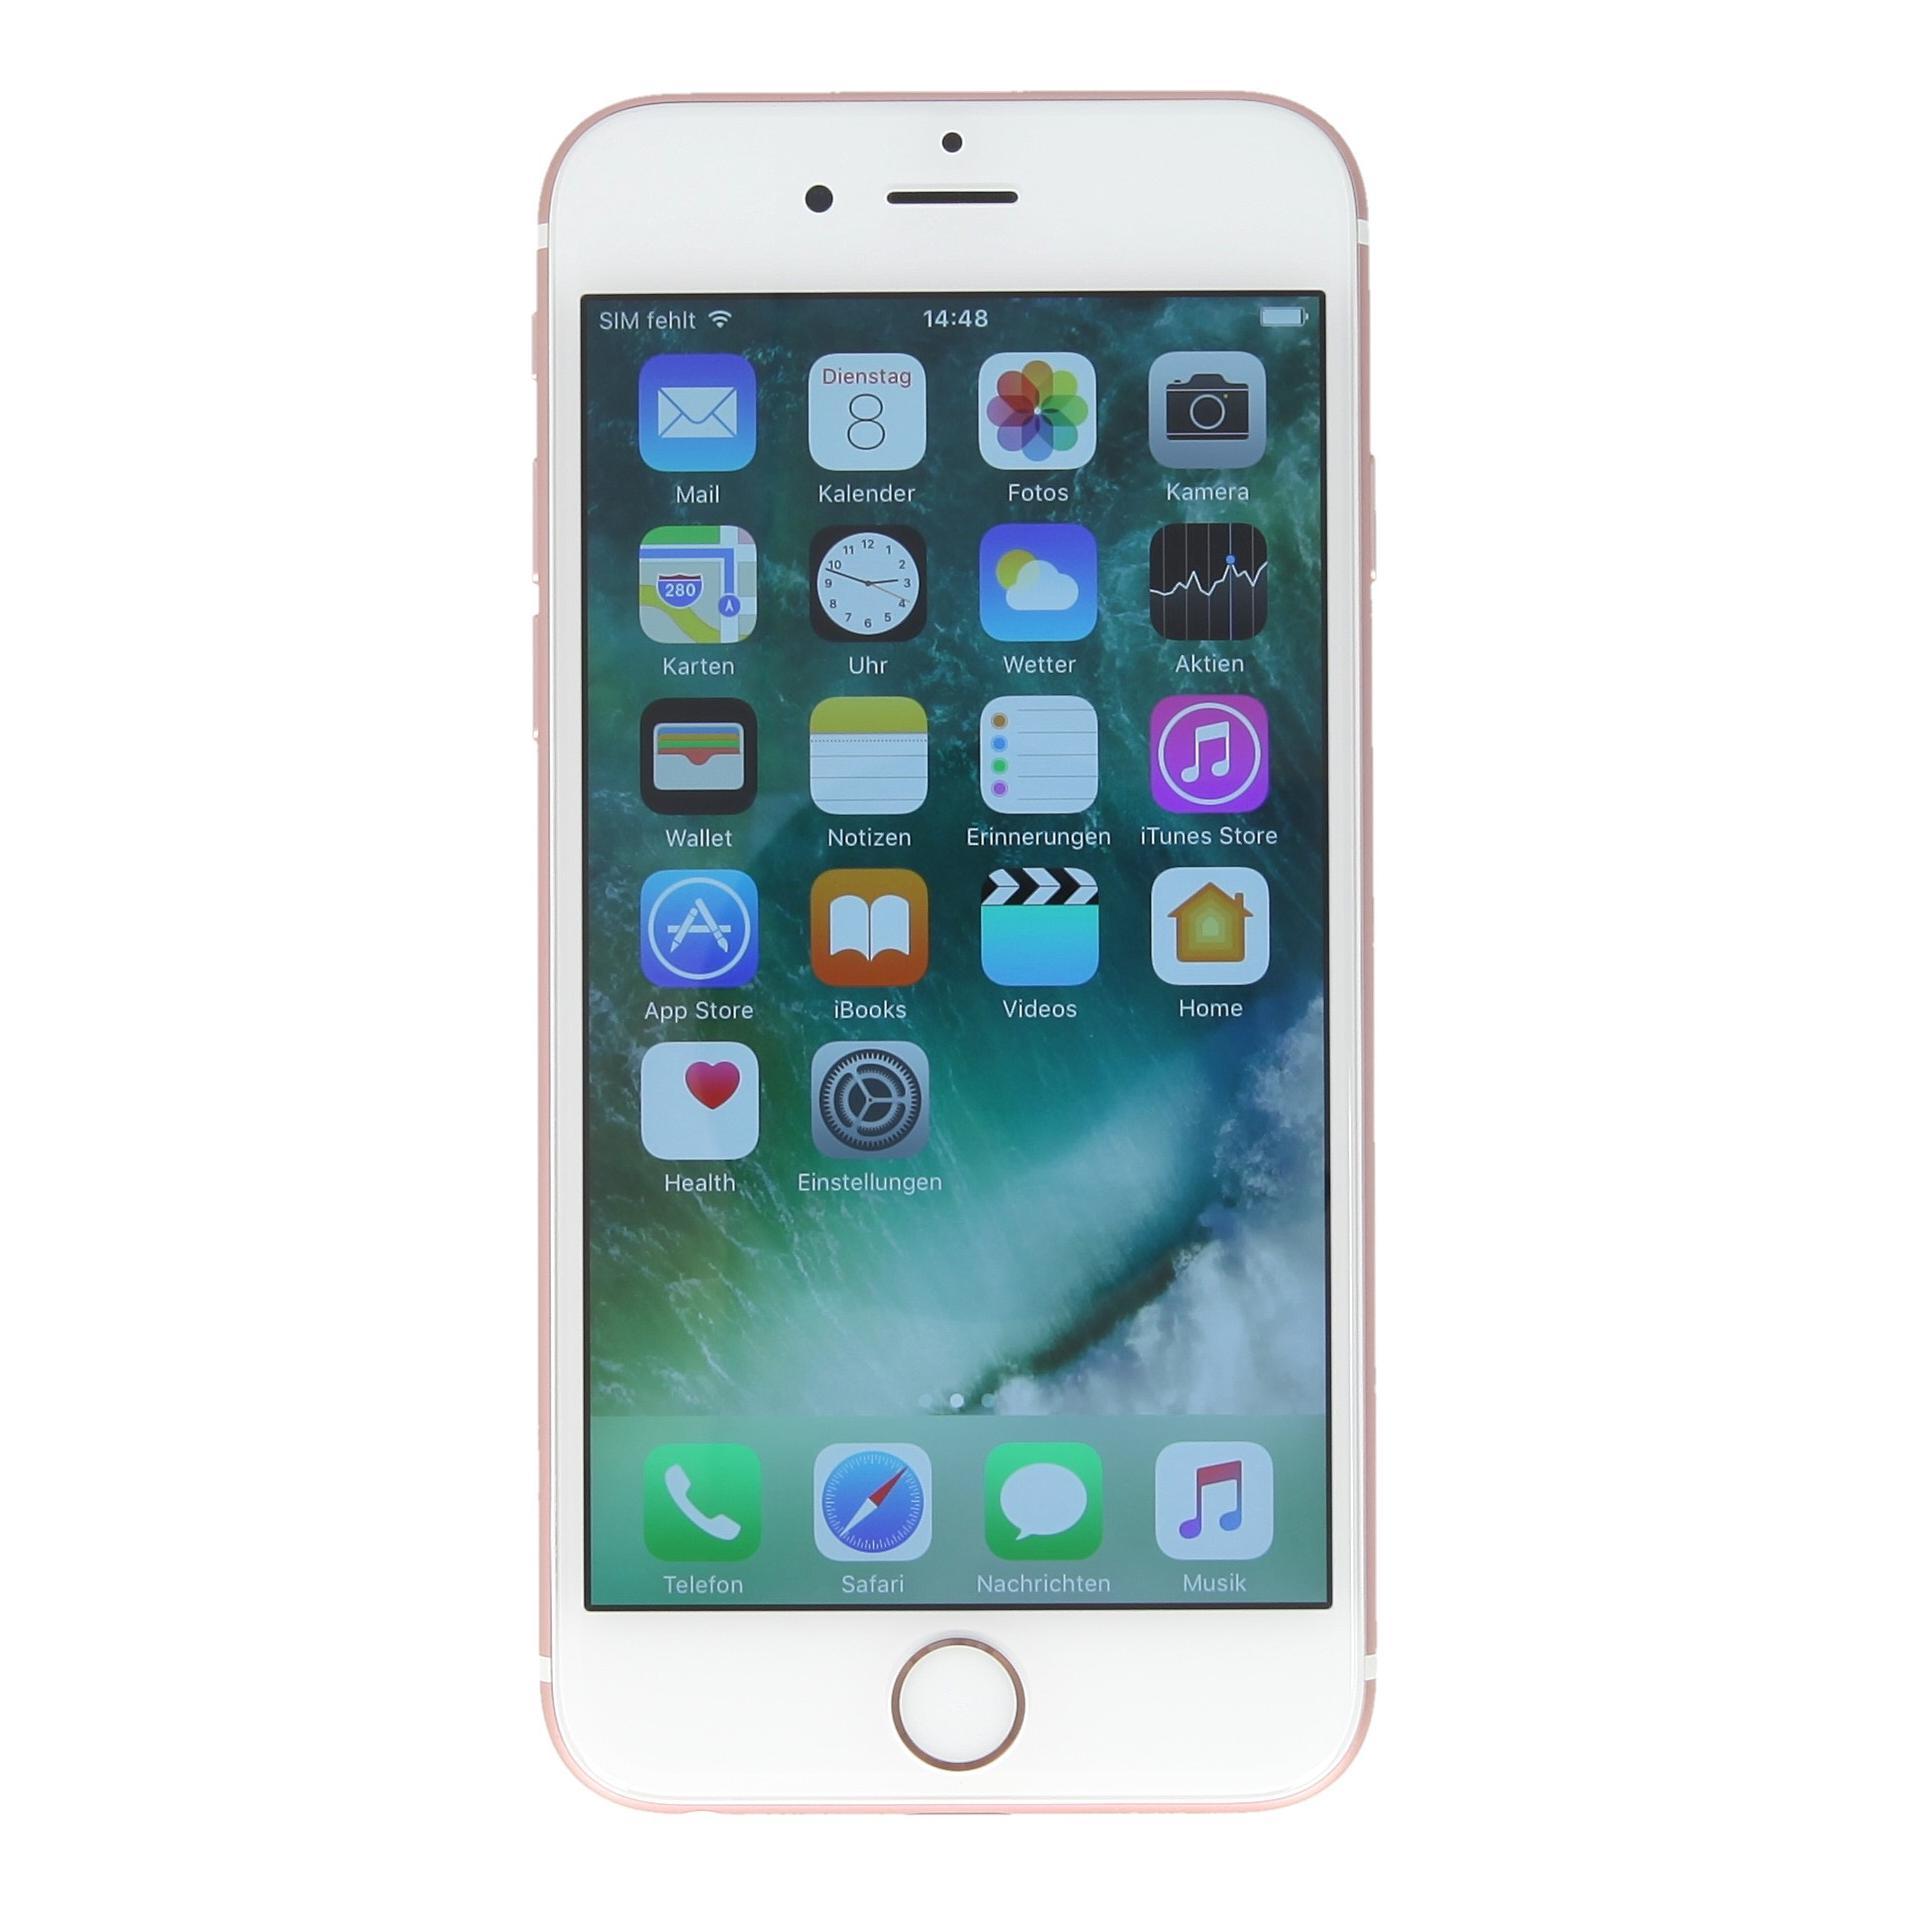 apple iphone 6s a1688 32 gb oro rosa buen estado asgoodasnew. Black Bedroom Furniture Sets. Home Design Ideas